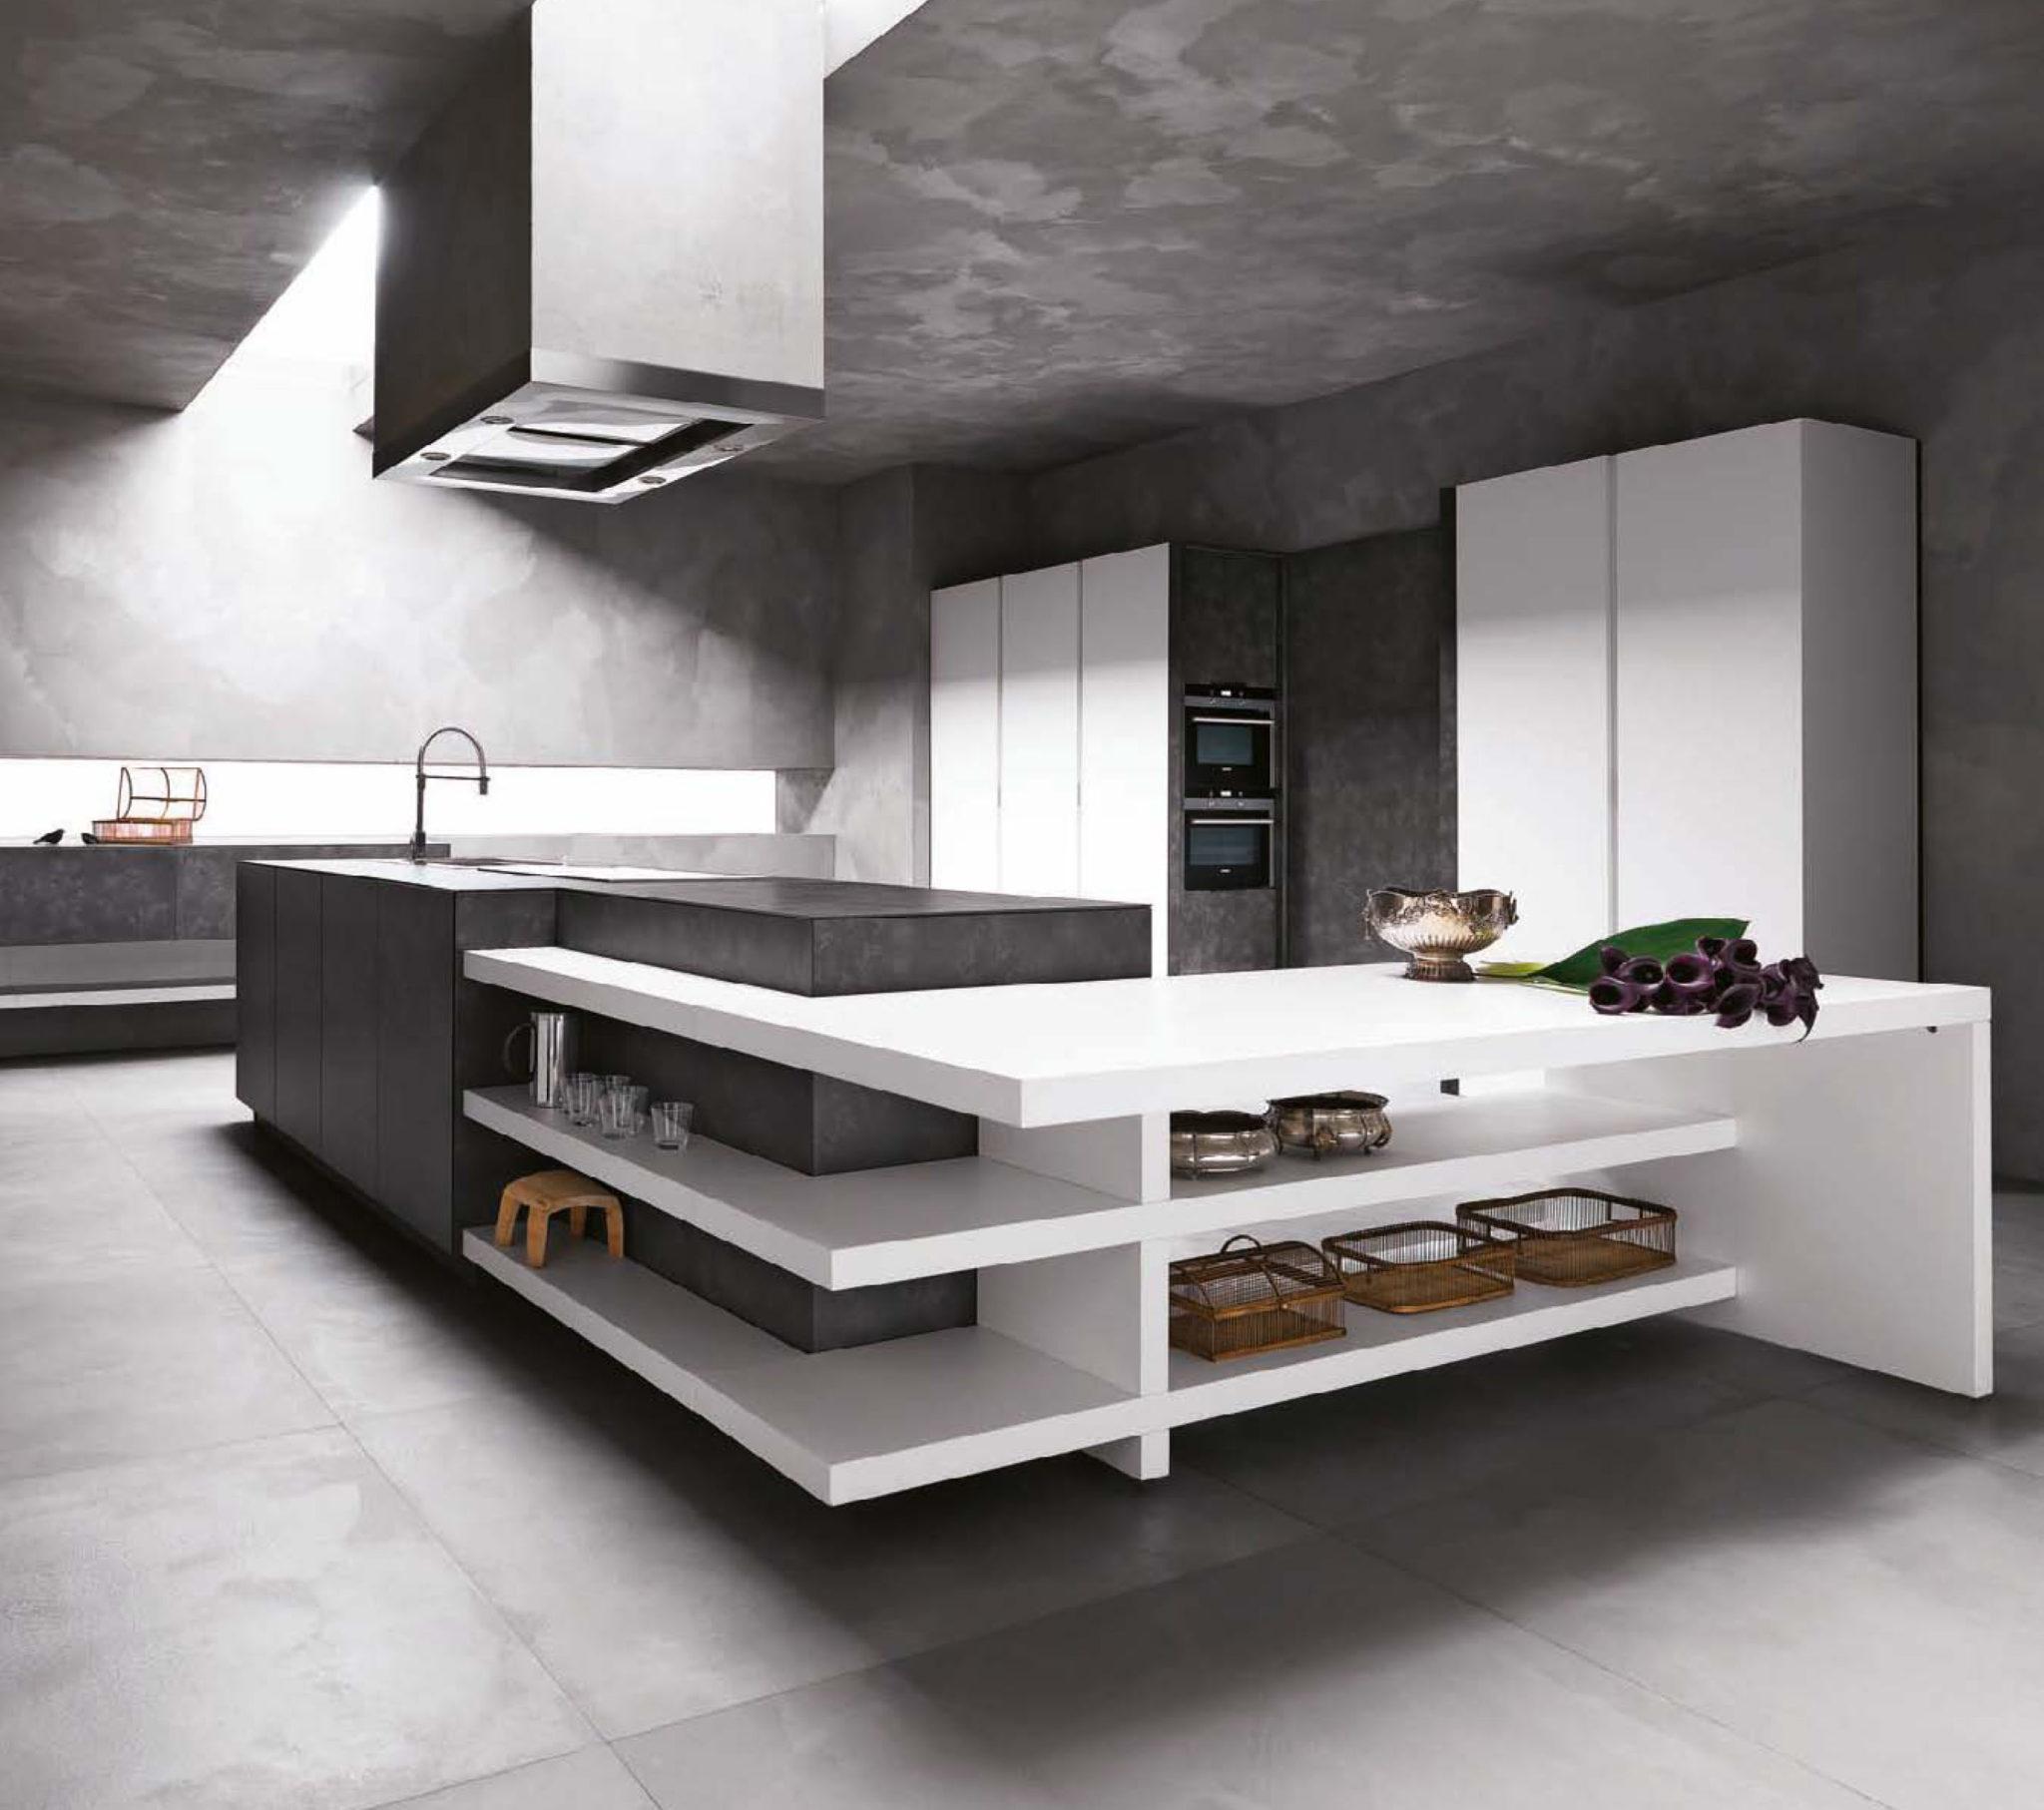 Una penisola in cucina lineatre arredamenti alberobello for Cucina 150 cm